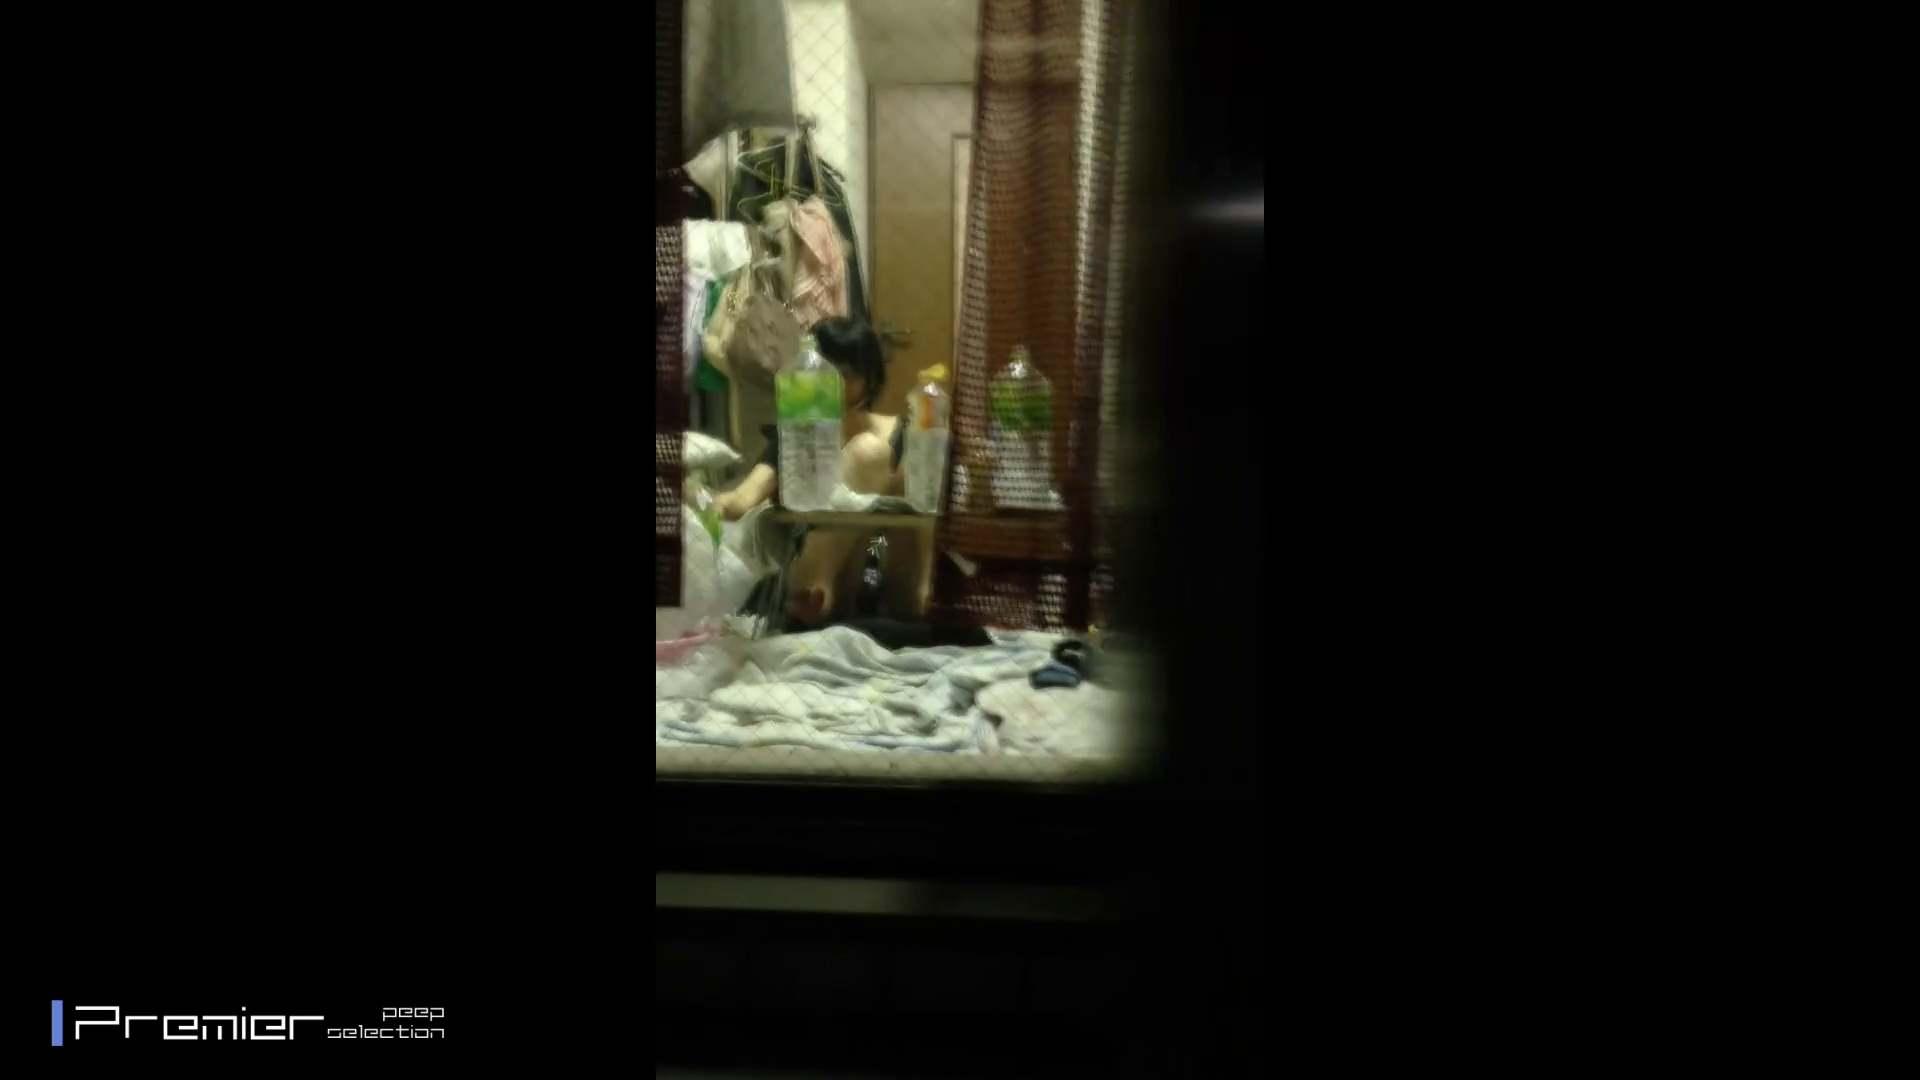 美女達の私生活に潜入!可愛い女子大生のプライベートに潜入 女子大生 のぞき動画画像 105pic 28